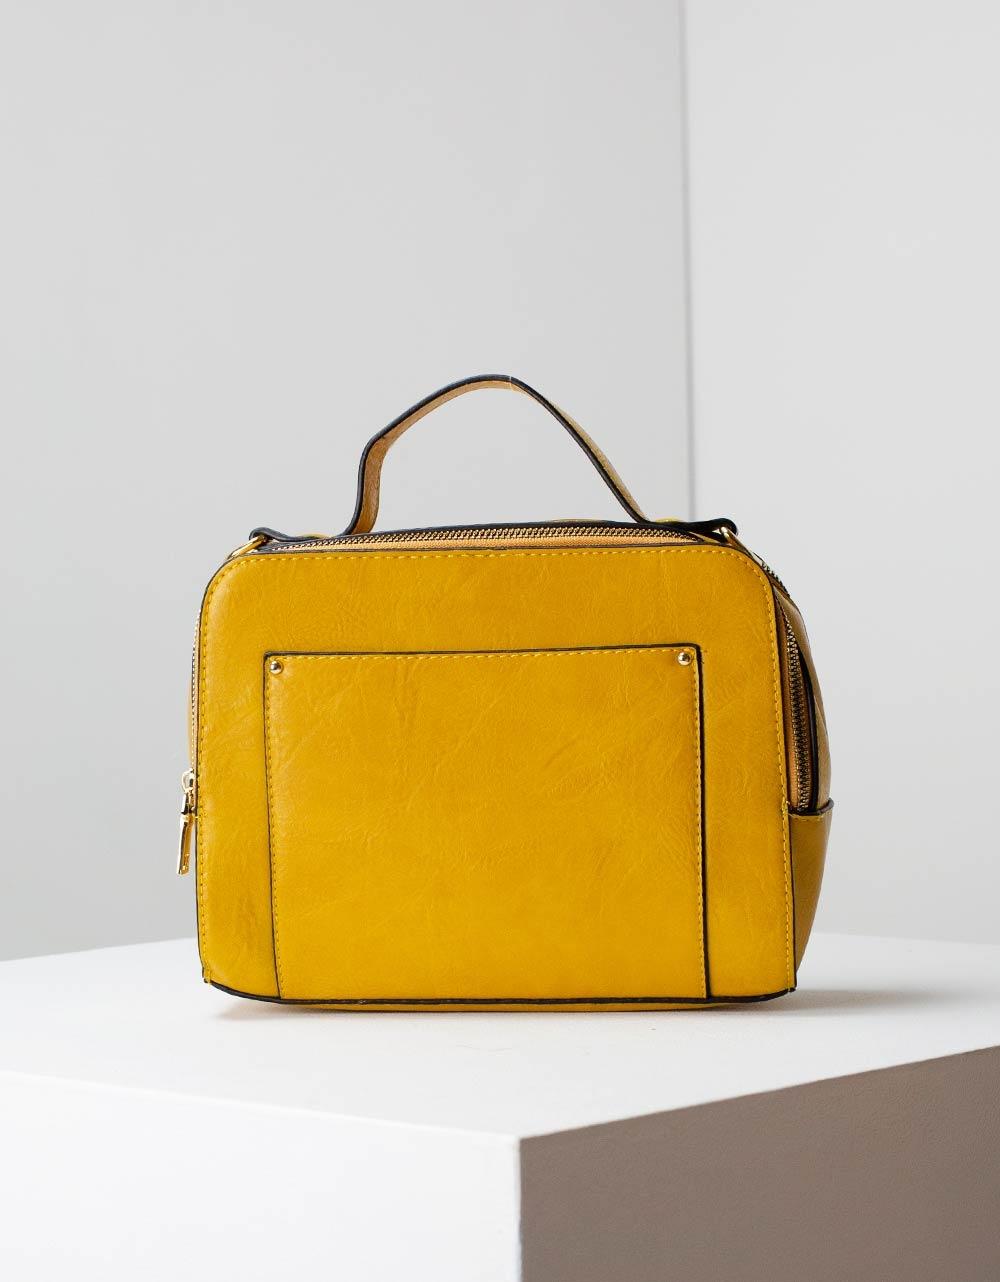 Εικόνα από Γυναικεία τσάντα ώμου μονόχρωμη Κίτρινο